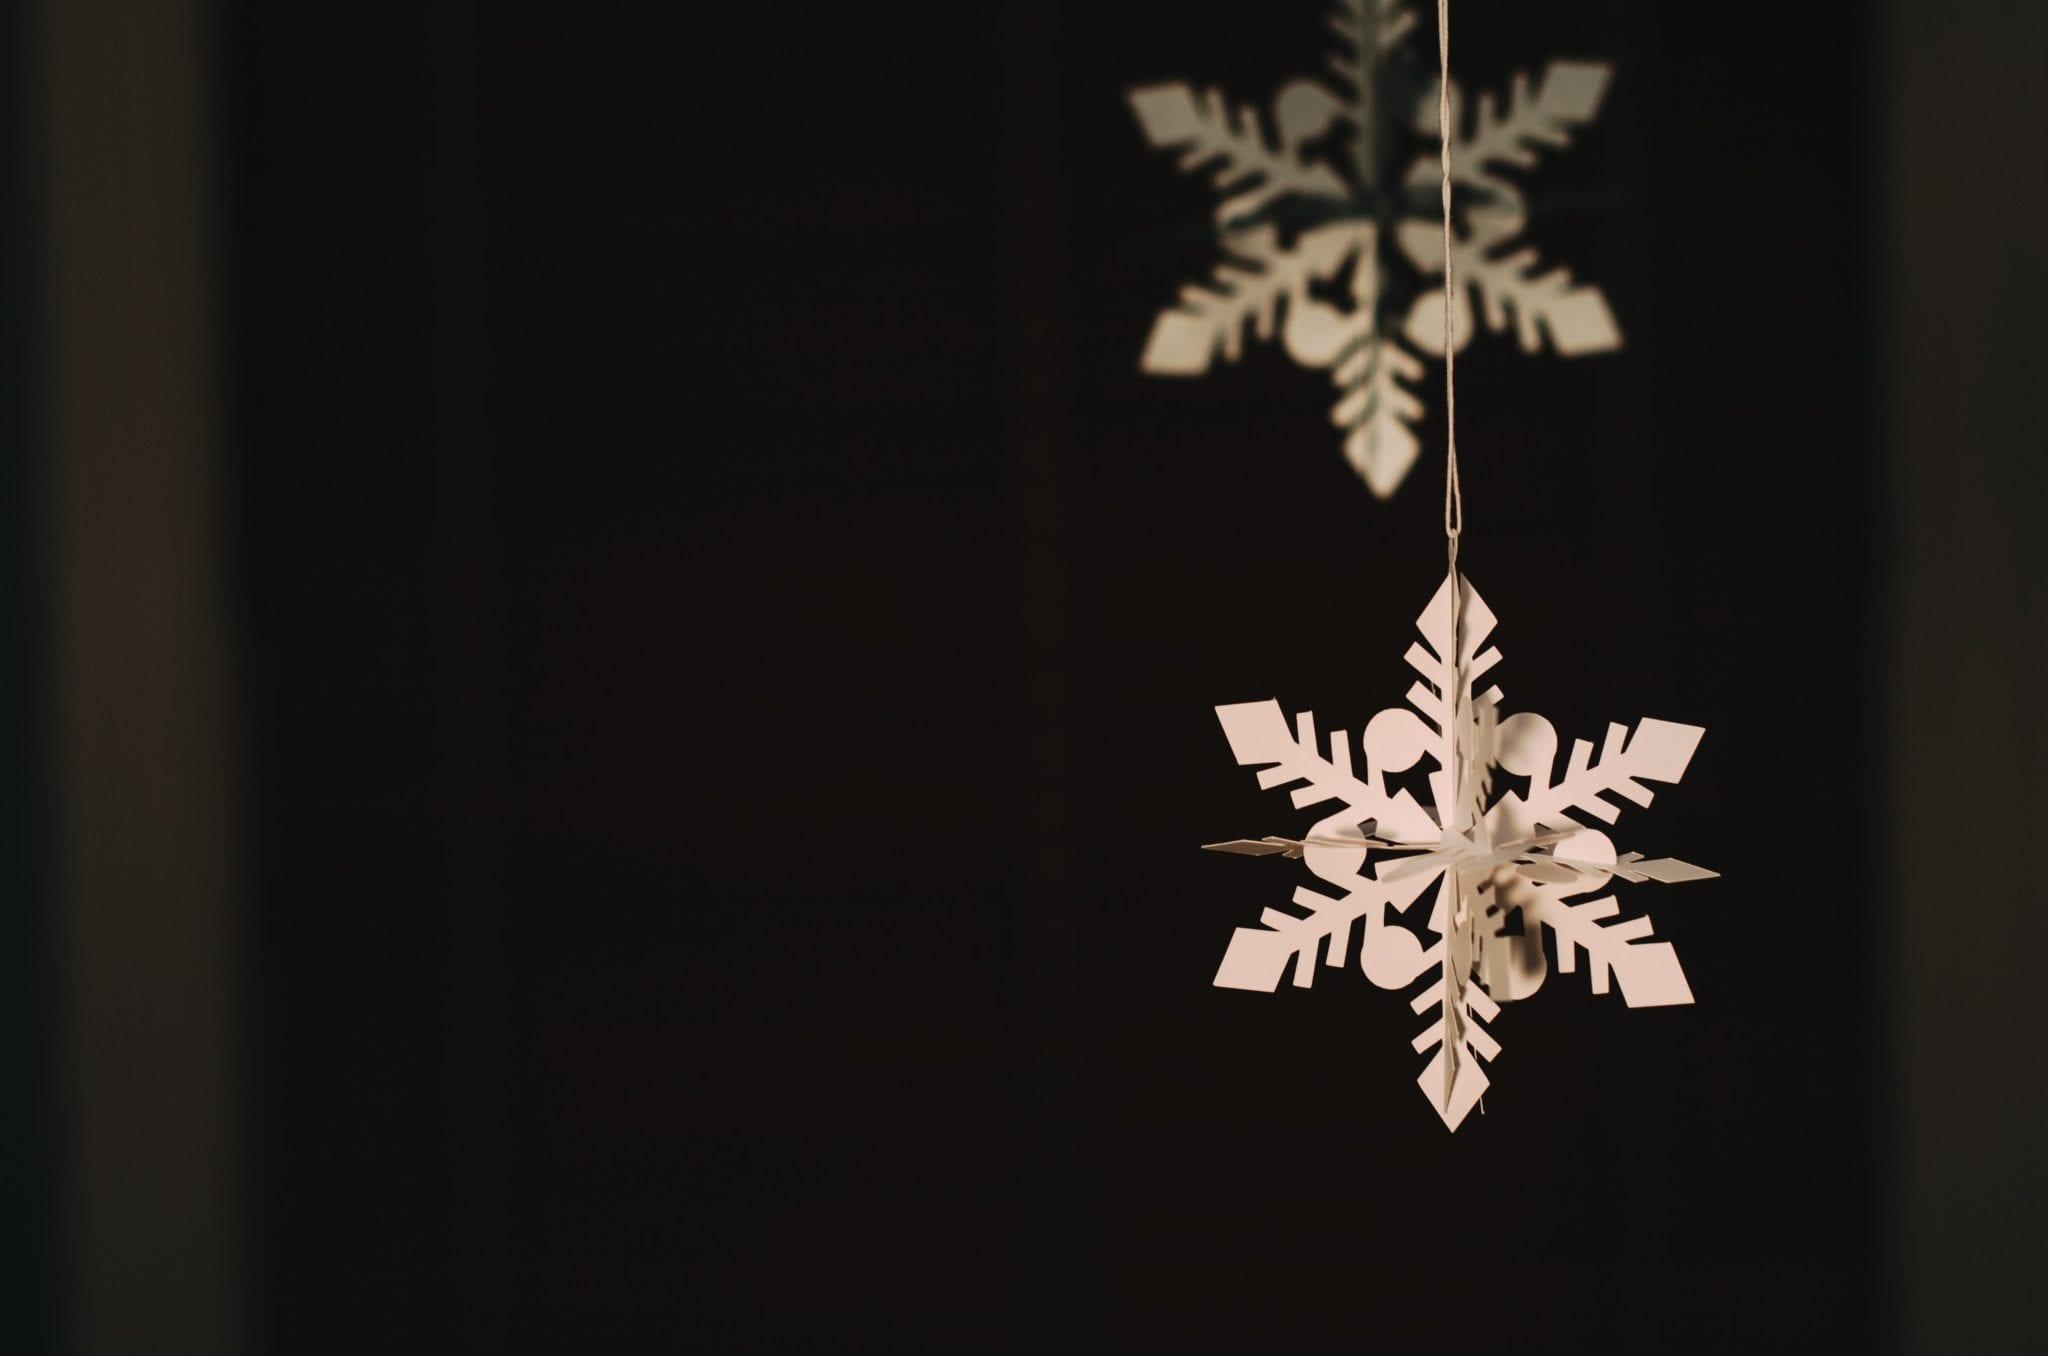 ตกแต่งคริสต์มาส ของแต่งบ้าน ไอเดียแต่งบ้าน ต้นคริสต์มาส